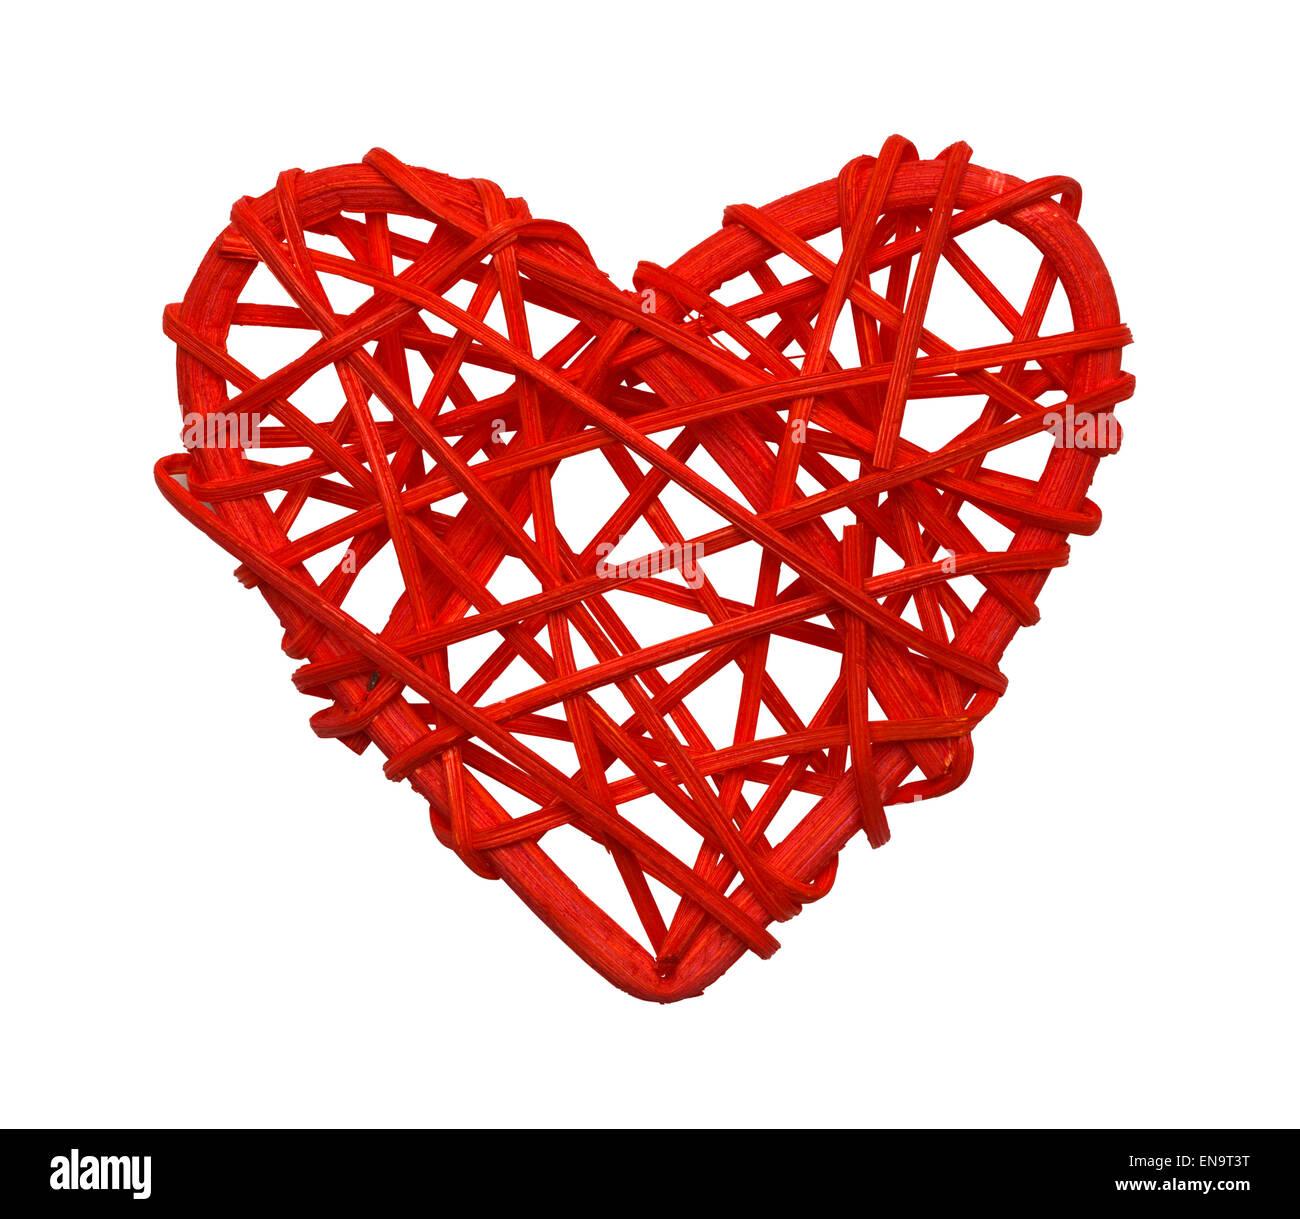 Vid de madera roja corazón aislado sobre fondo blanco. Imagen De Stock